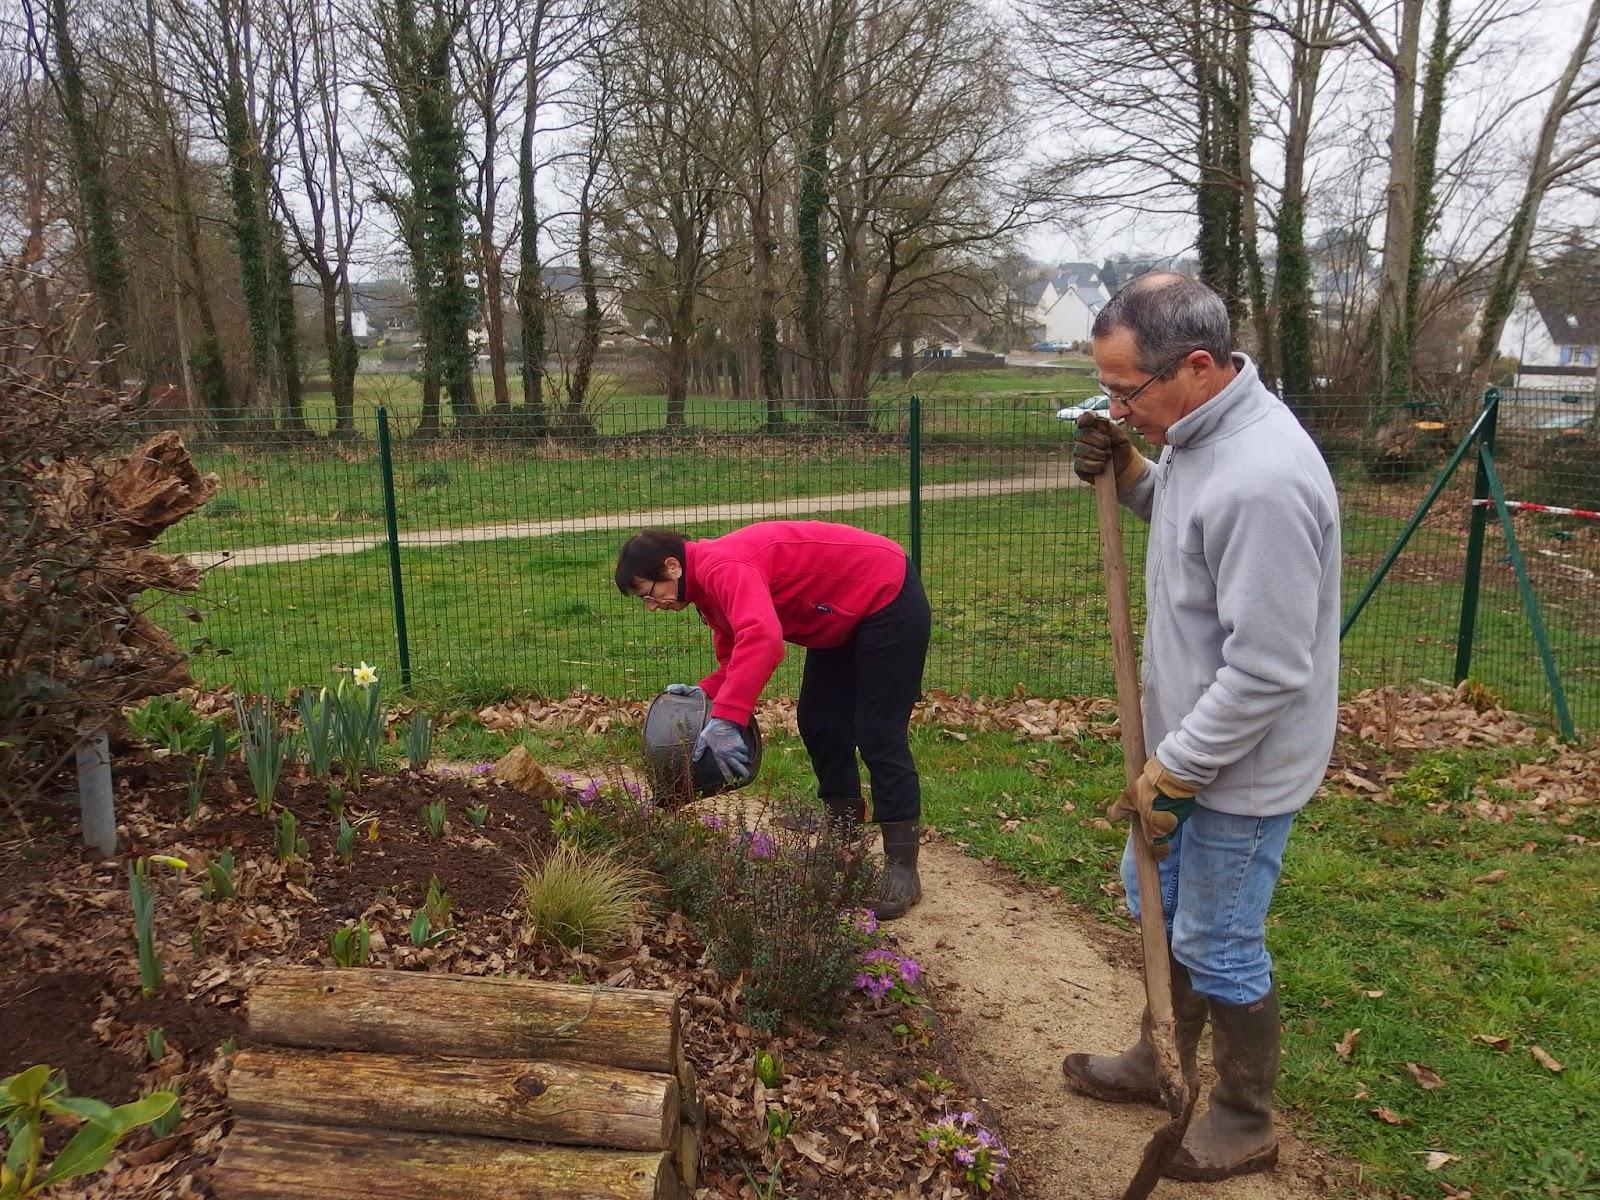 Les jardins familiaux de feunteun don 2015 03 15 for Jardin familiaux